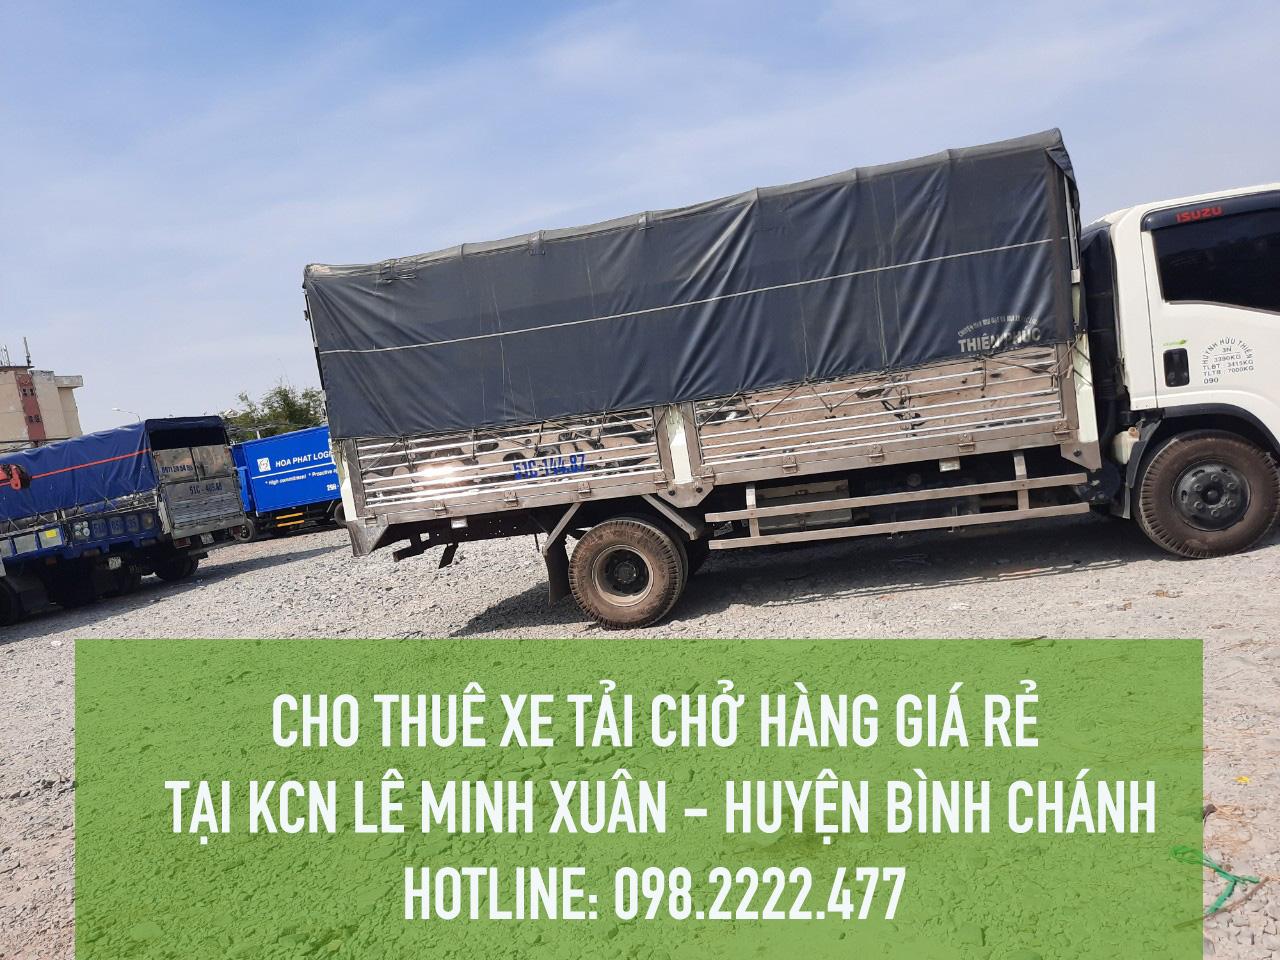 Cho thuê xe tải tại KCN Lê Minh Xuân – Huyện Bình Chánh: 098.2222.477